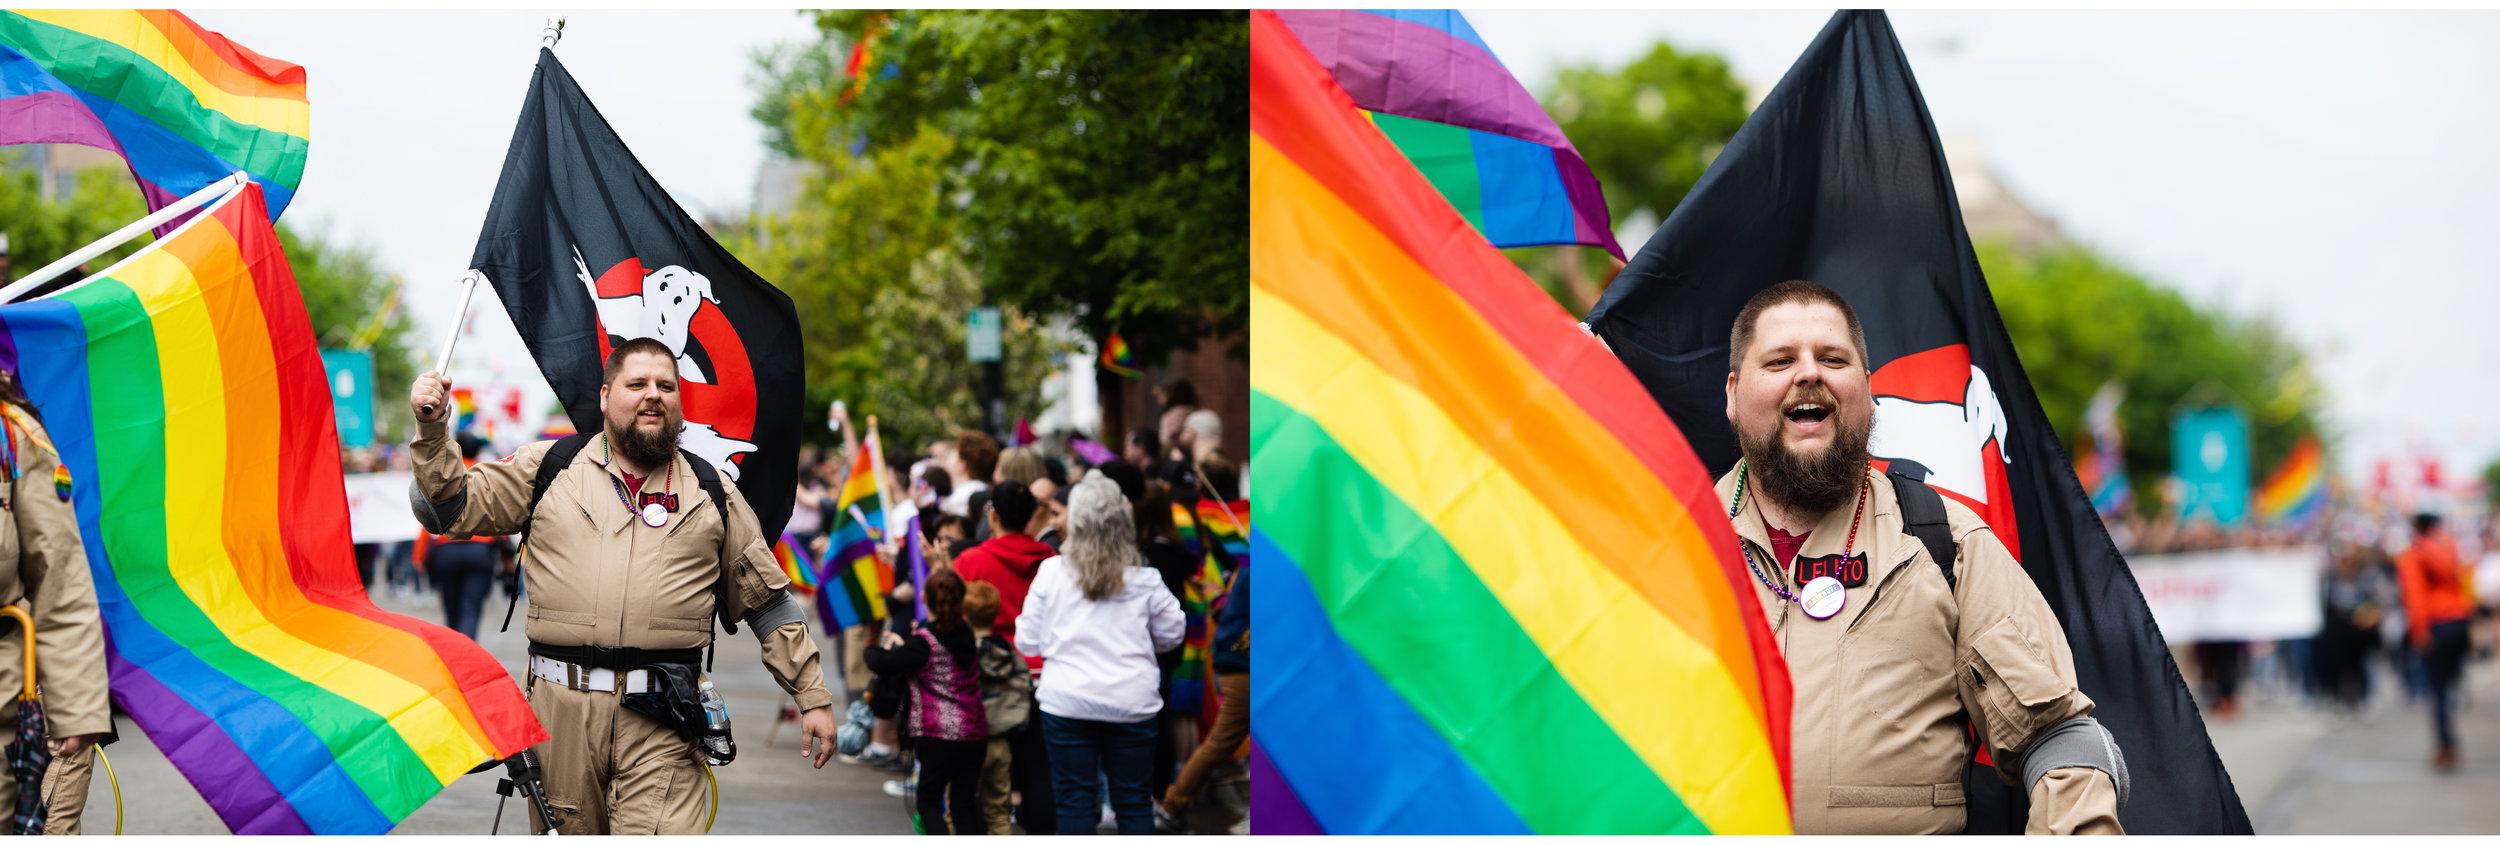 pride_2019_blog_08.jpg